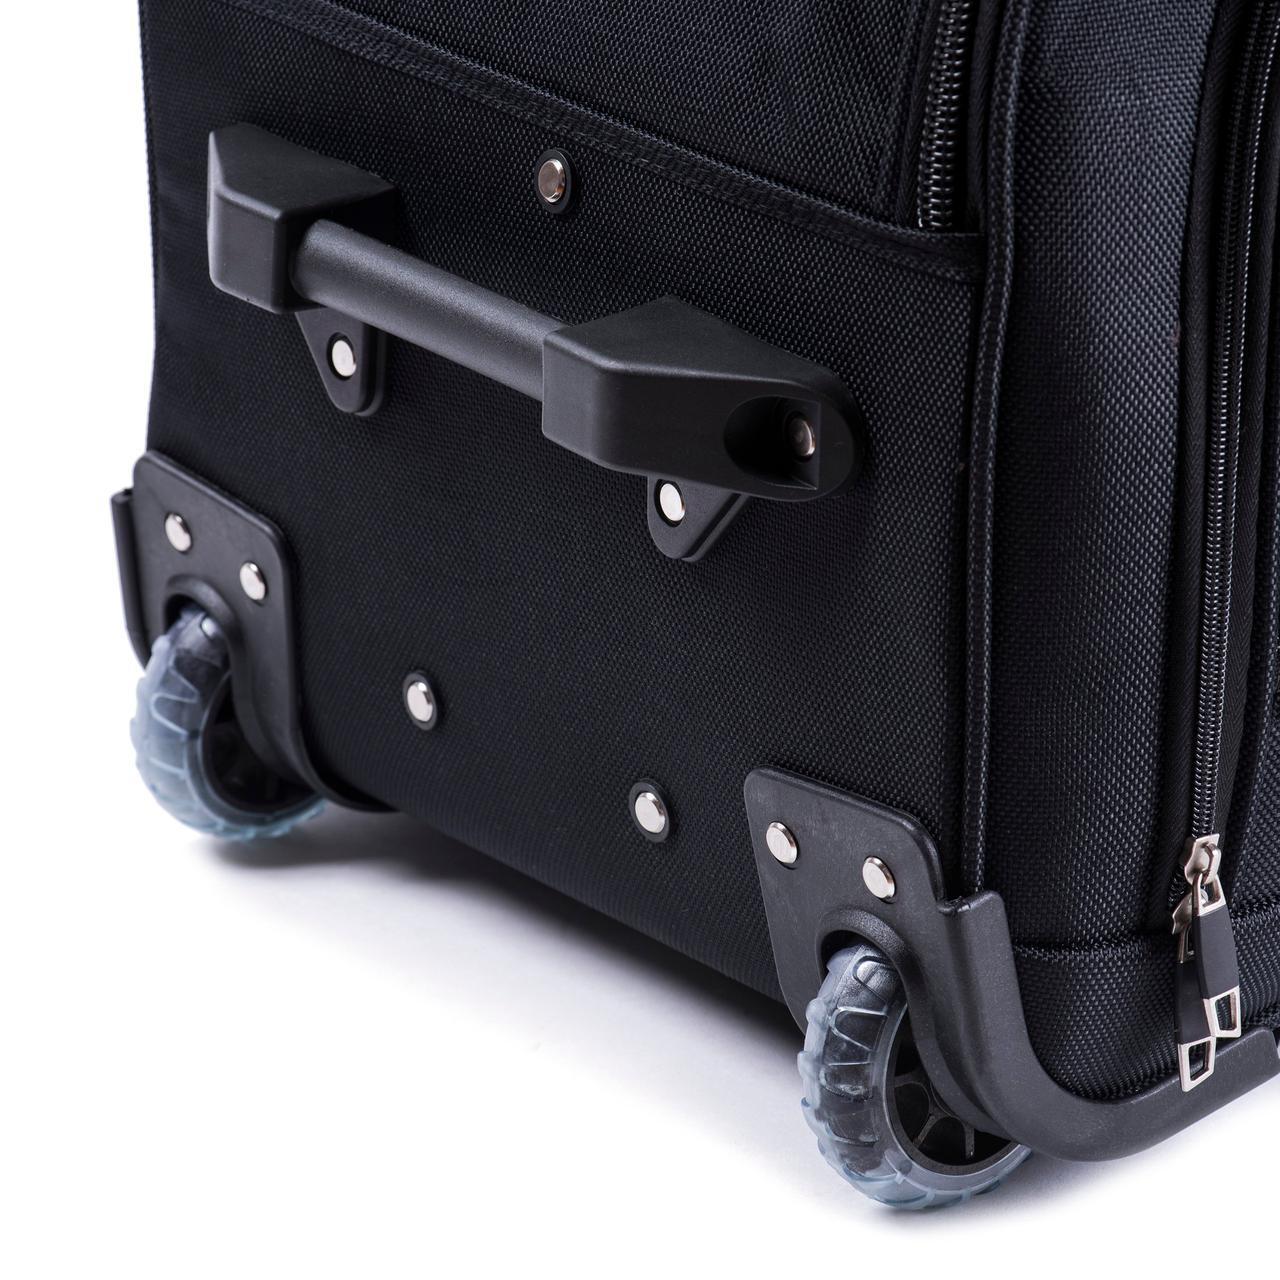 ba2c53bb51cd Дорожная сумка Wings 1056, цена 950 грн., купить Вишневое — Prom.ua  (ID#755152936)